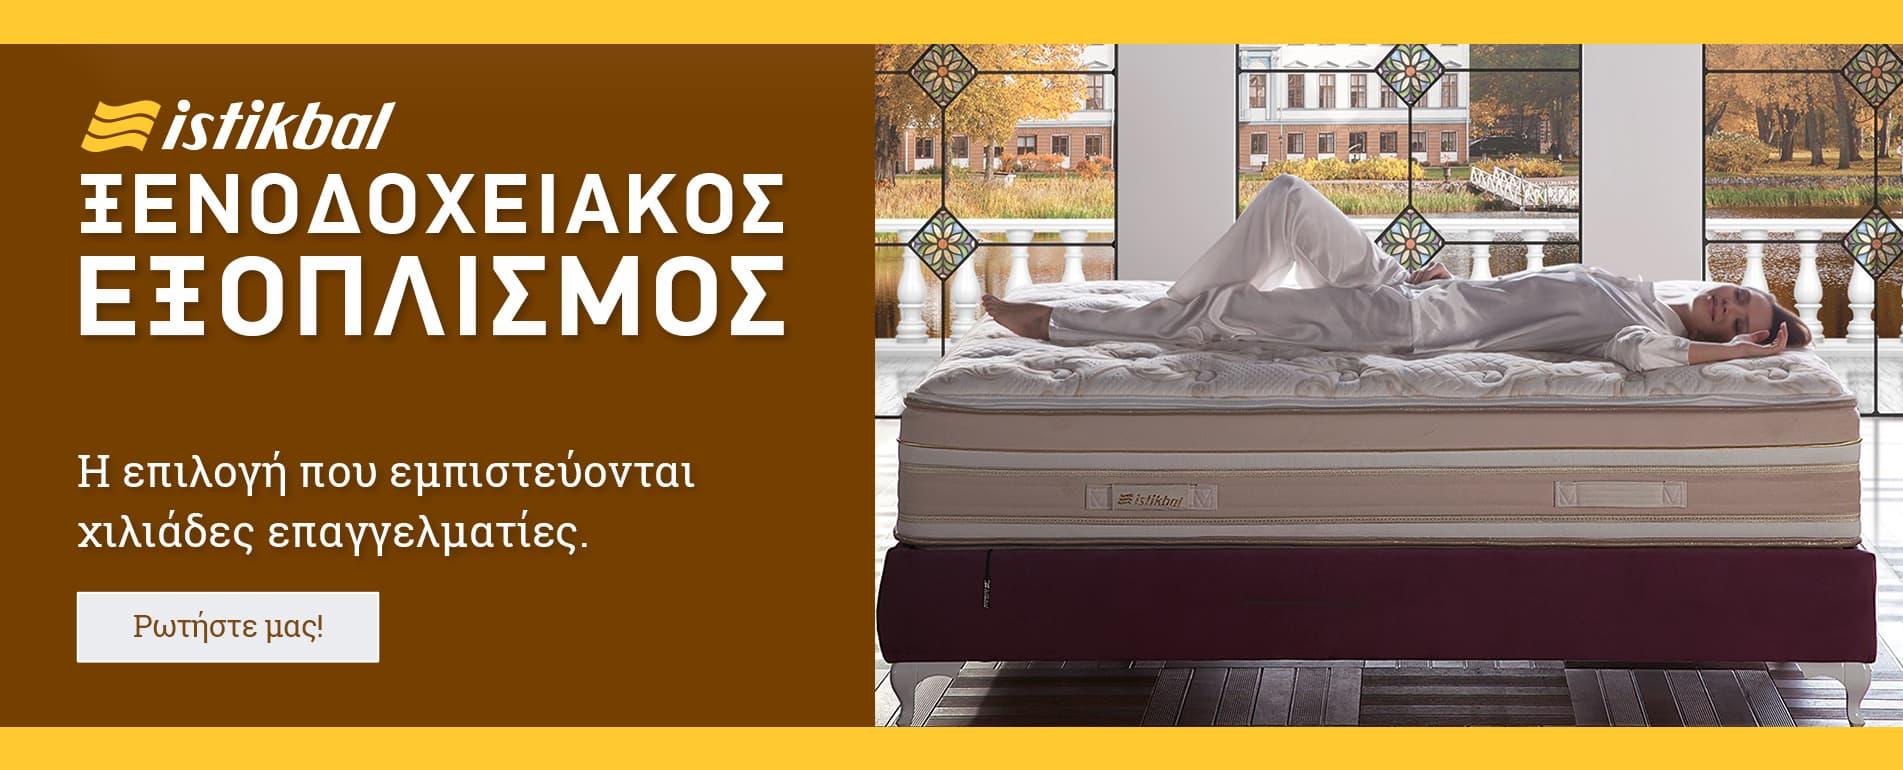 Έπιπλα για Ξενοδοχεία από την Istikbal